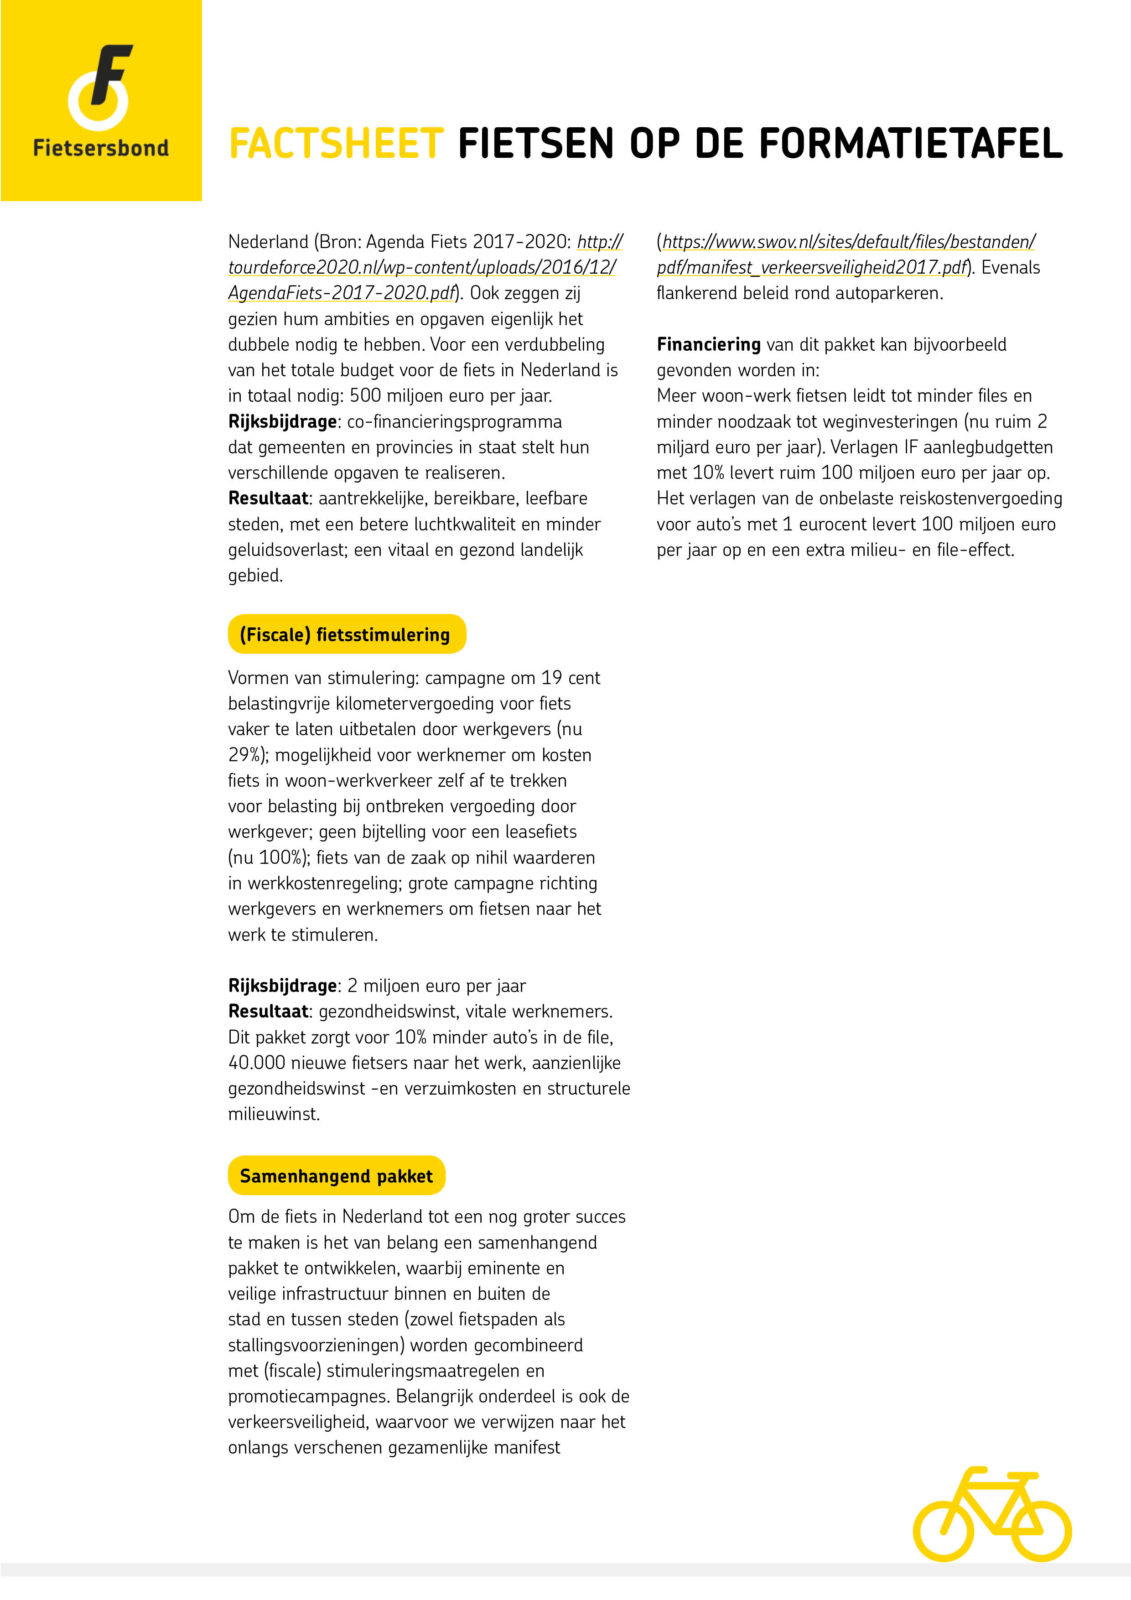 factsheet-fietsen-op-de-formatietafel-pag2aangepast